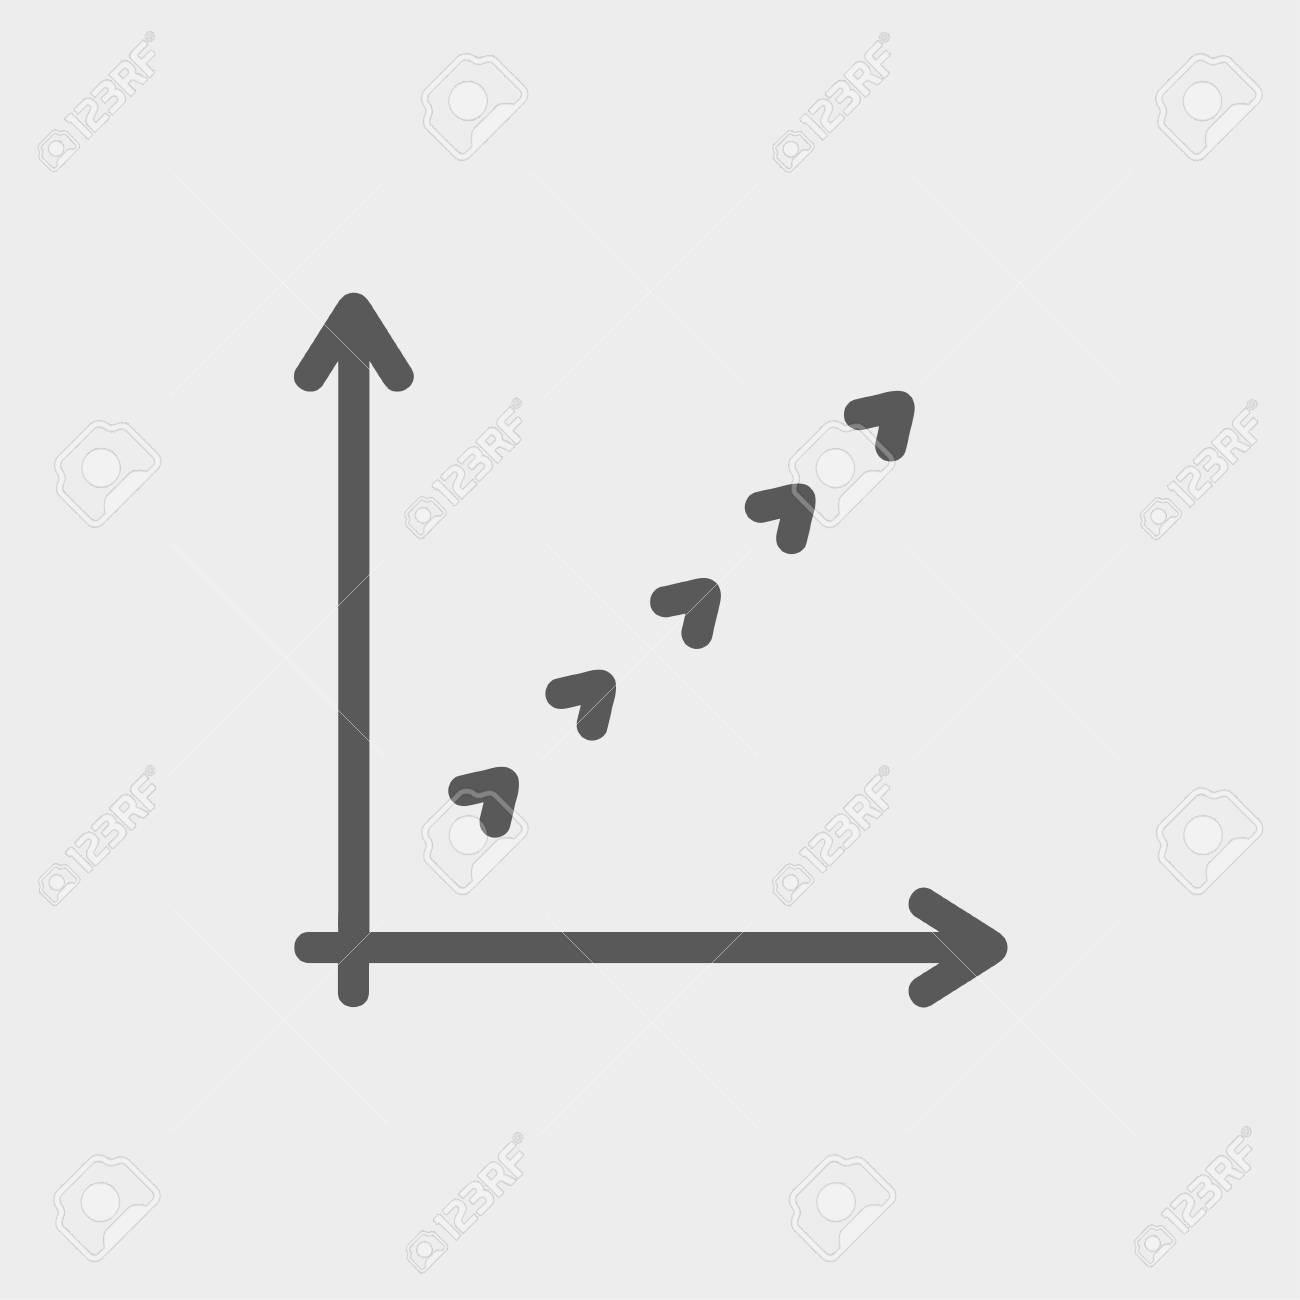 Lettre L logo icône flèche fine ligne pour le web et mobile, design plat  moderne et minimaliste. Vecteur gris foncé icône sur fond gris clair.